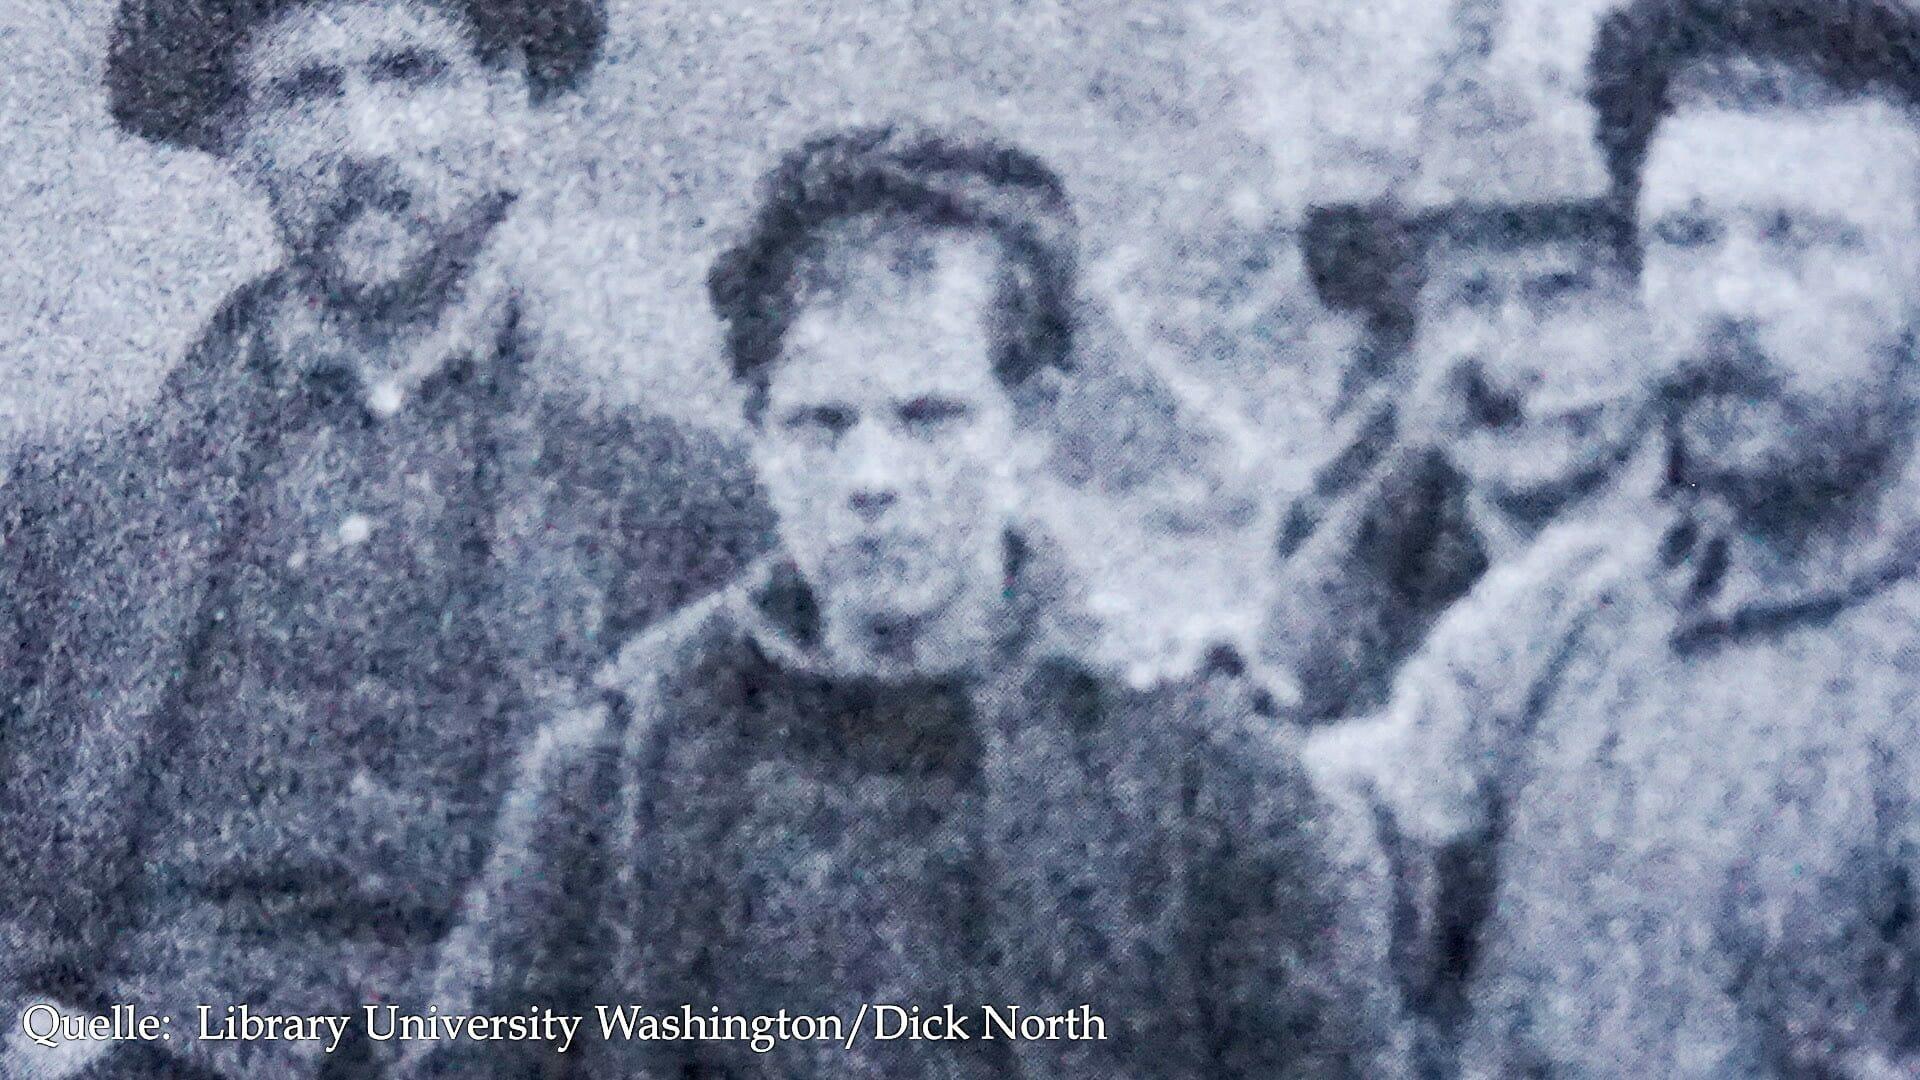 Breitschultriger Abenteurer oder schmächtiger Junge: Jack London 1897 im Yukon. Er war 21 Jahre alt.